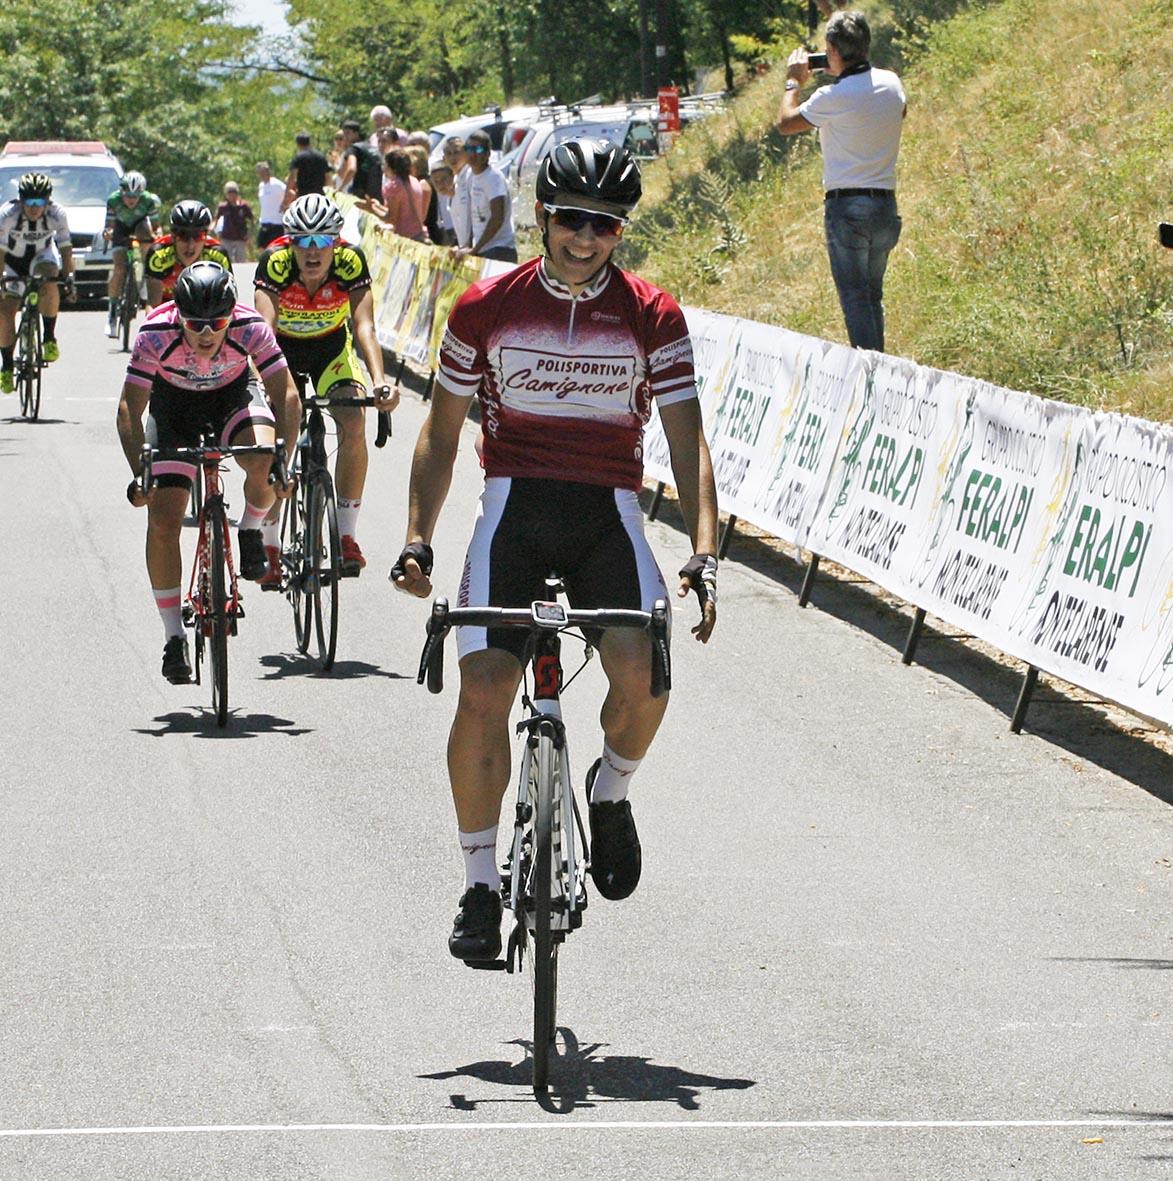 La vittoria di Andrea Gatti tra gli Allievi a Montichiari